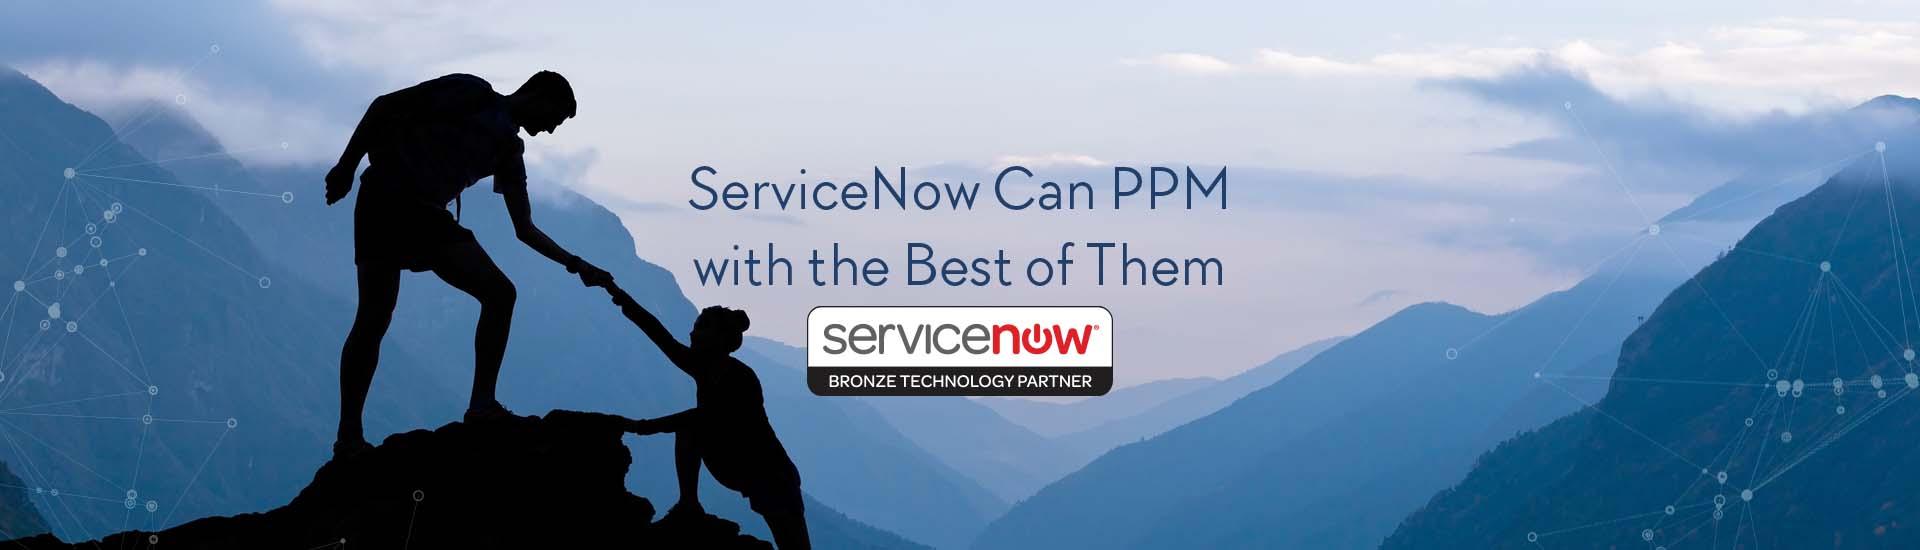 Servicenow_PPM_Webinar.jpg